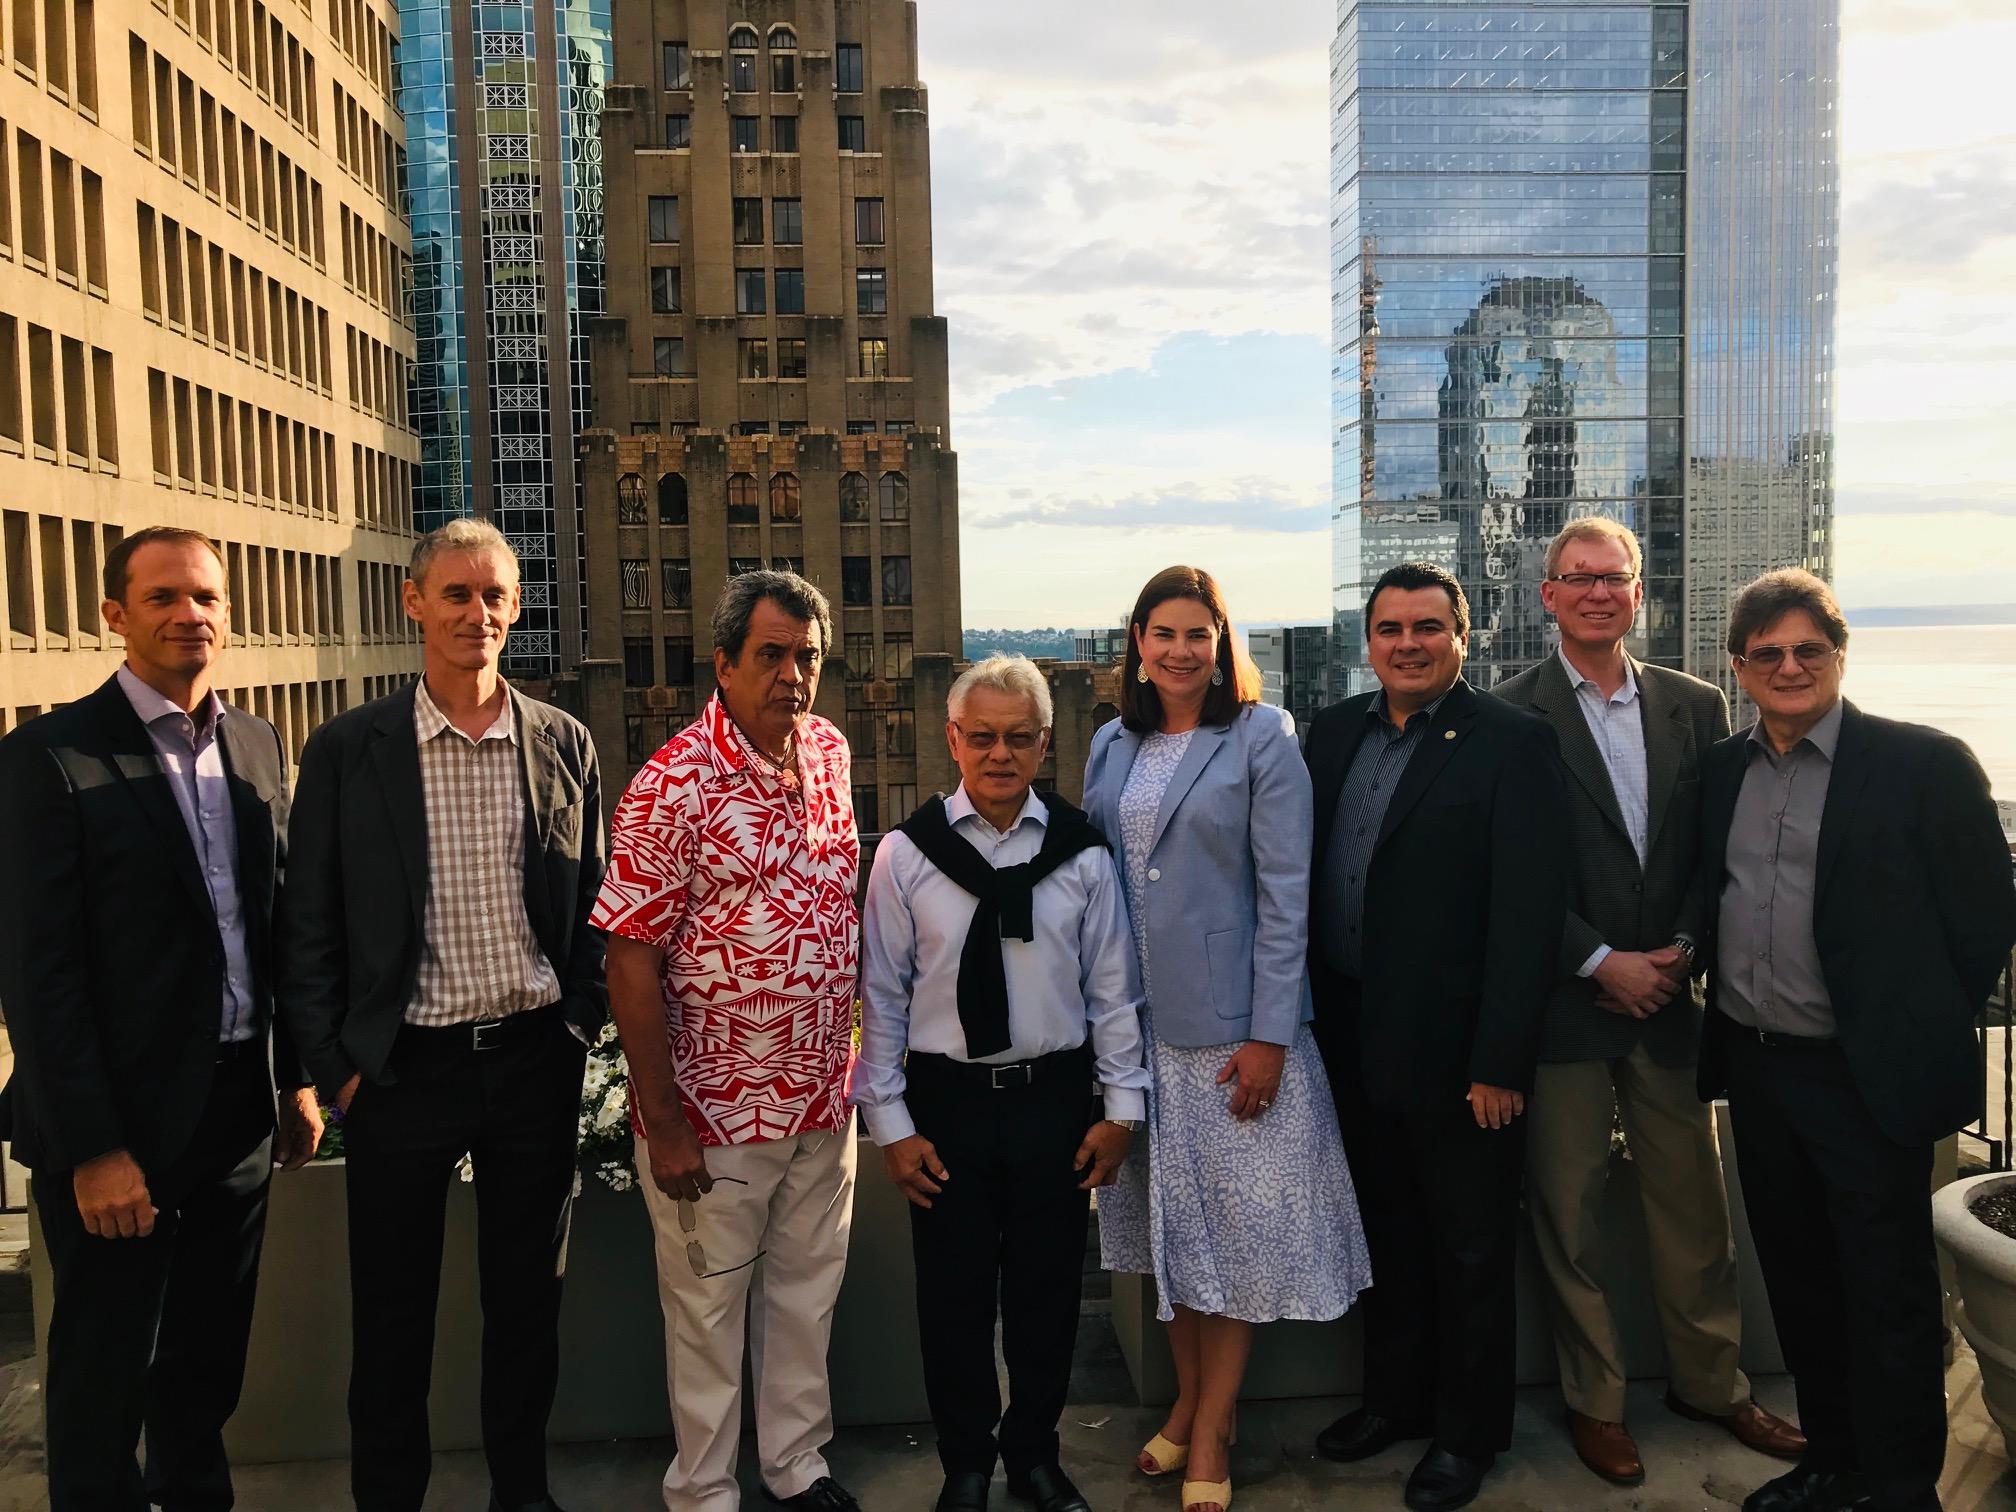 Les autorités du pays et les dirigeants d'ATN ont eu une première prise de contact avec Christy Reese, vice-présidente de Boeing, en charge des ventes et du marketing pour la Asie-Pacifque, ainsi qu'avec David Scott et Ron Kent, de la direction commerciale de la société américaine.